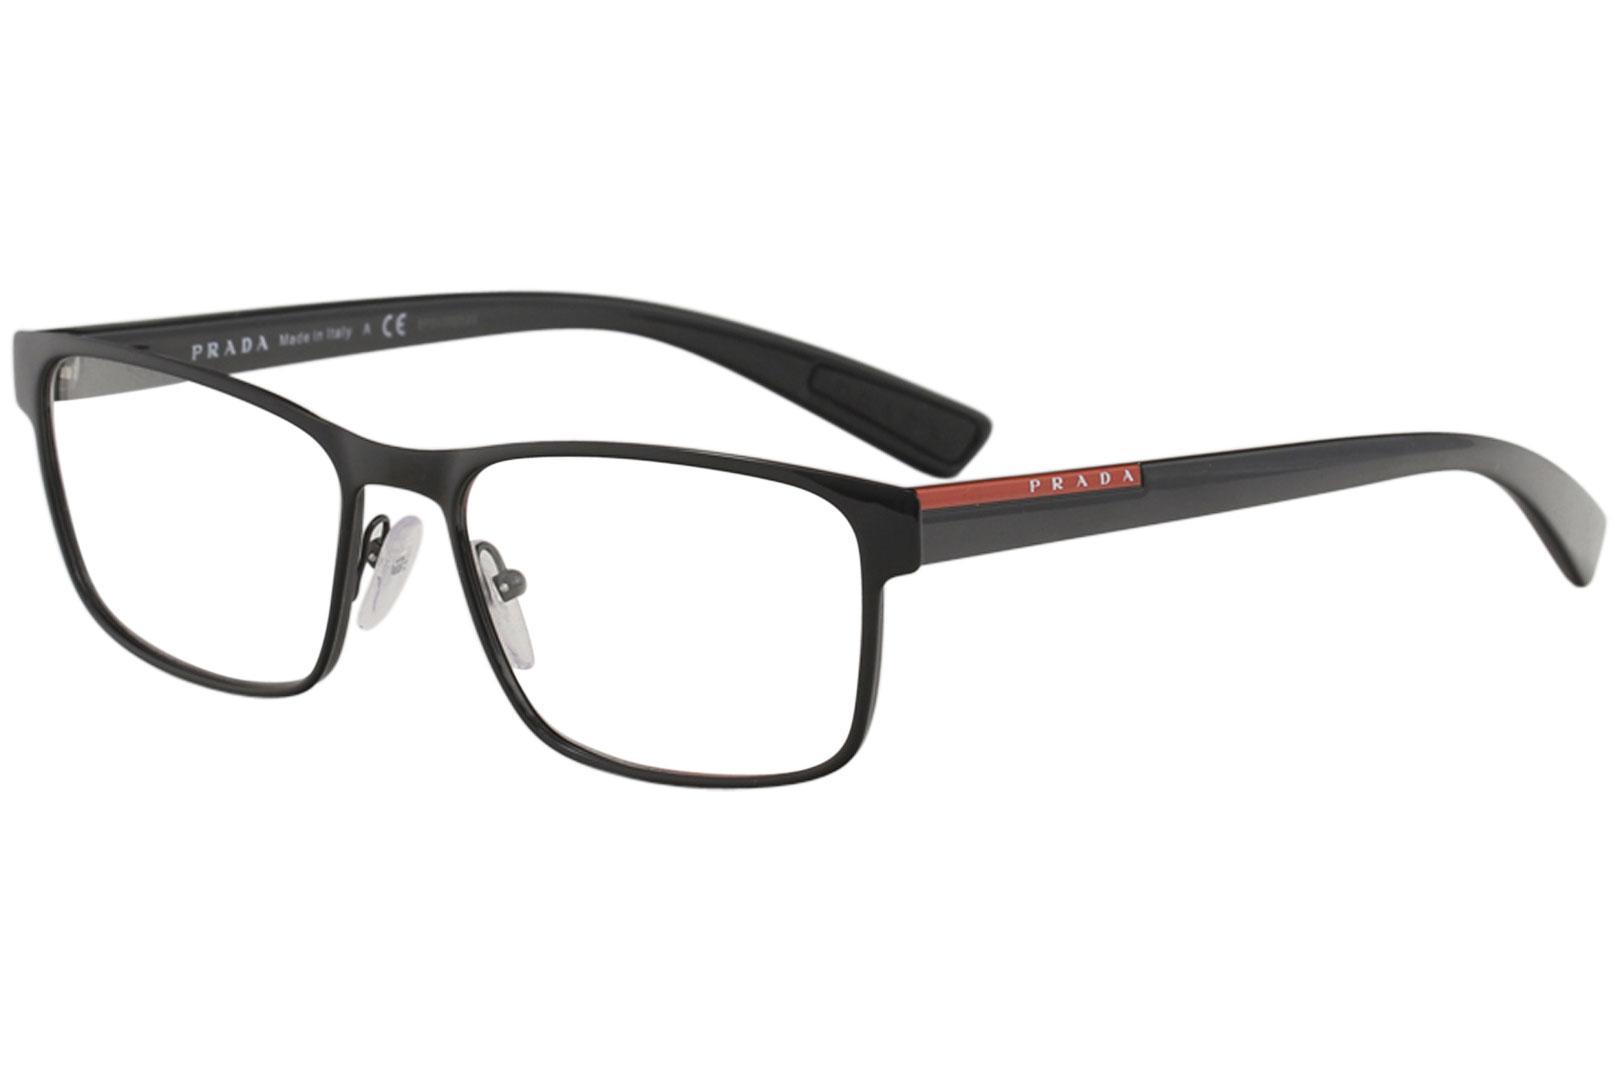 d9ddcedb3f ... Men s Eyeglasses VPS50G VPS 50G Full Rim Optical Frame by Prada Linea  Rossa. Touch to zoom